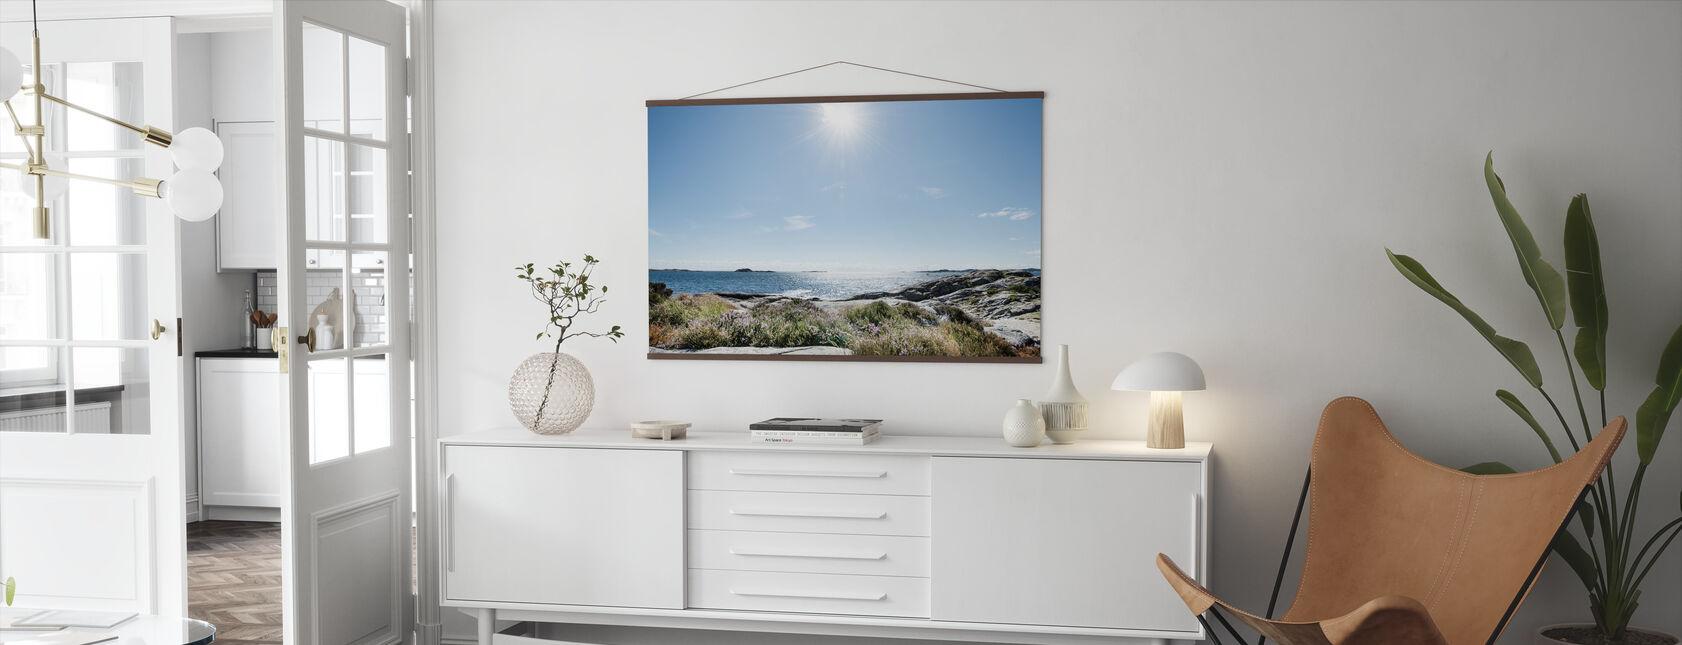 Hav i sterkt sollys, Sør-Norge - Plakat - Stue